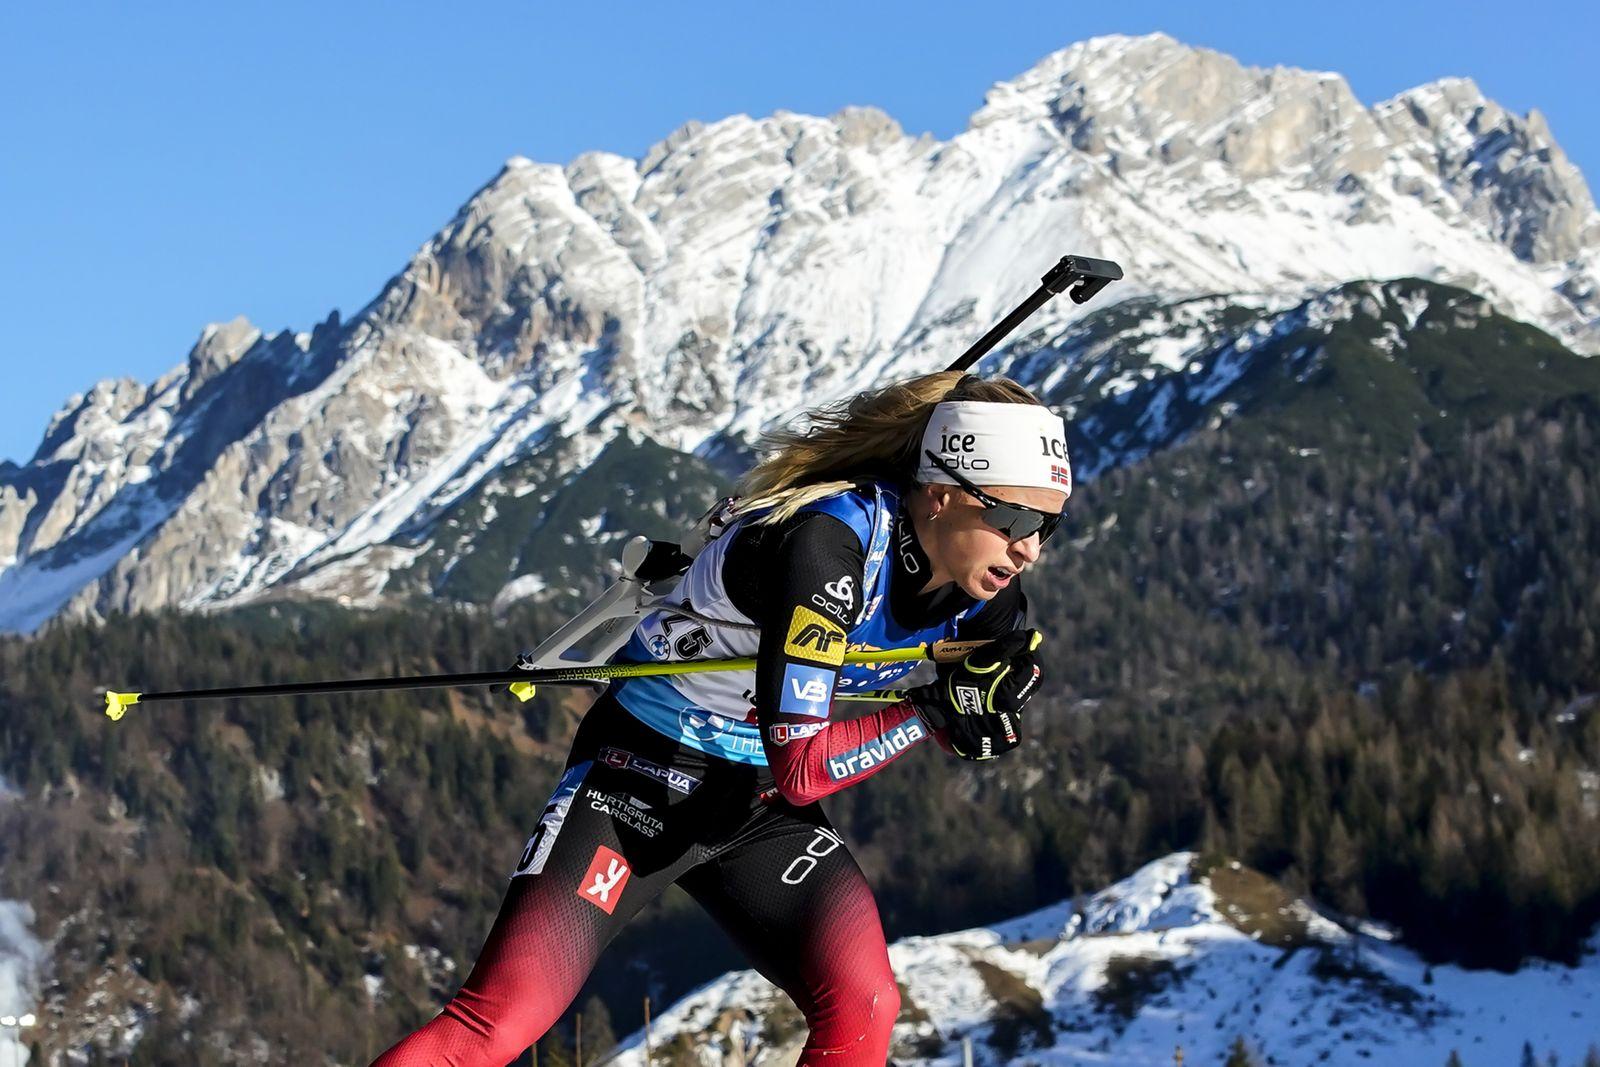 BMW IBU World Cup Biathlon Hochfilzen - Women 7.5 km Sprint Competition